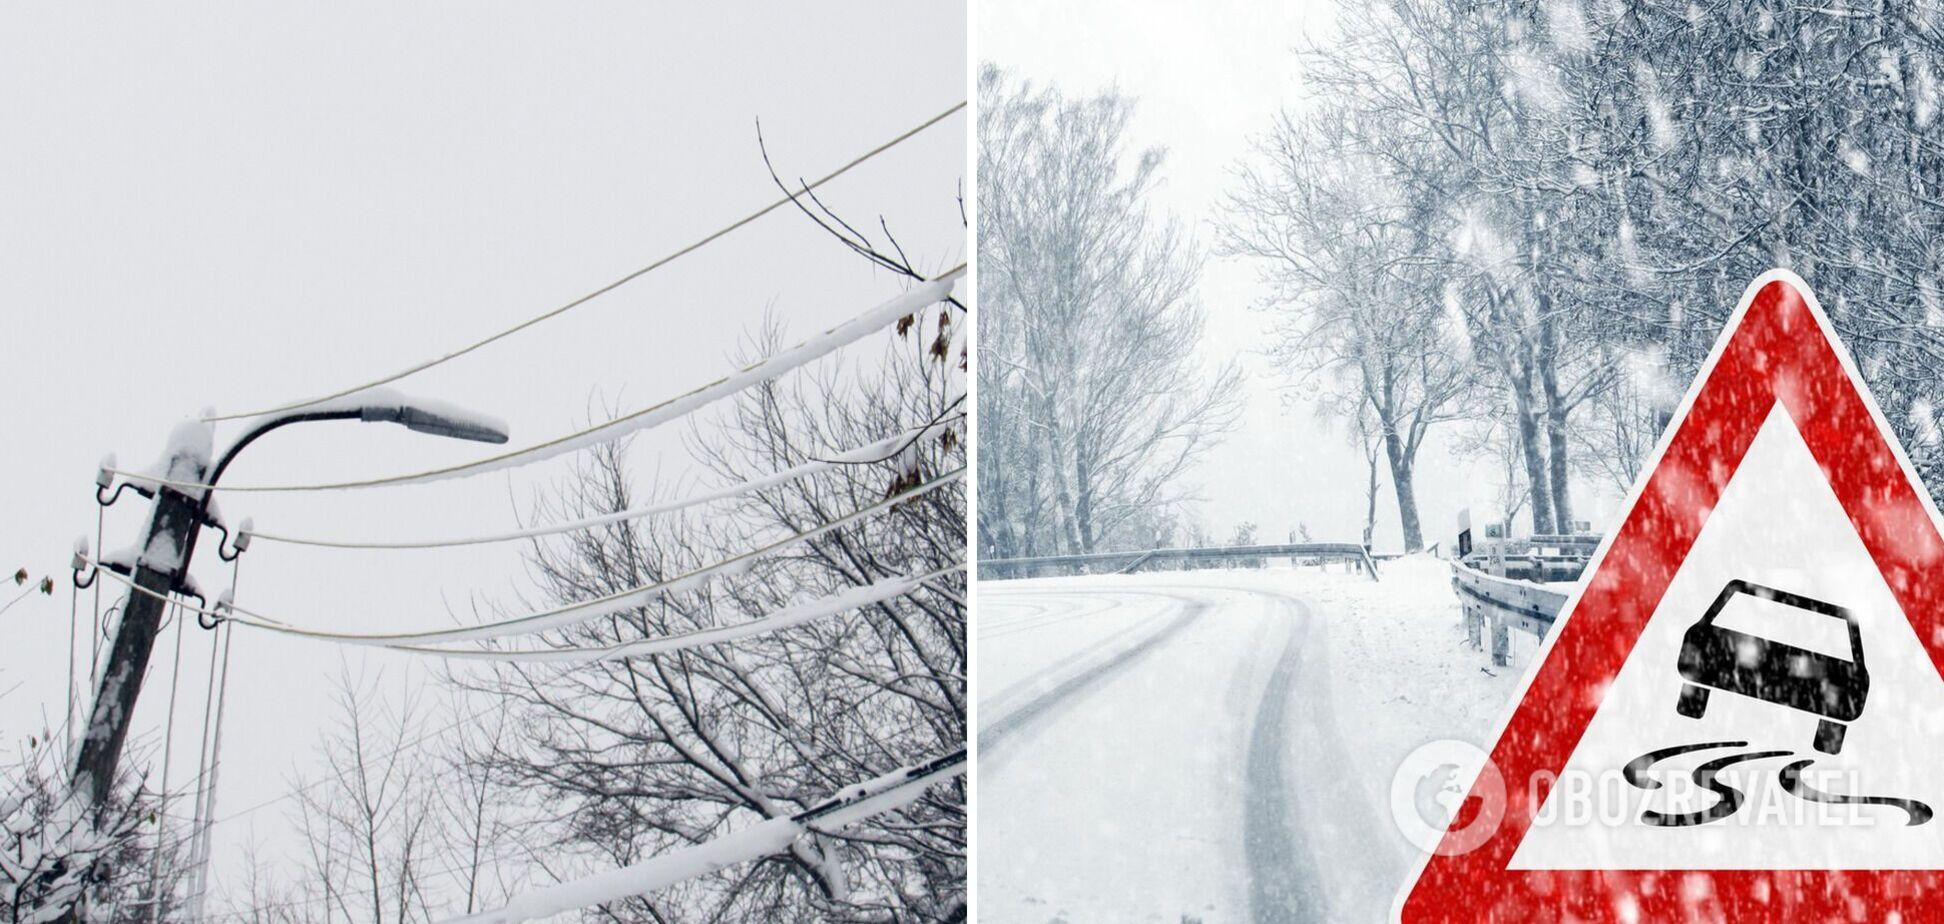 В Украине из-за непогоды обесточены десятки населенных пунктов, ограничено движение транспорта